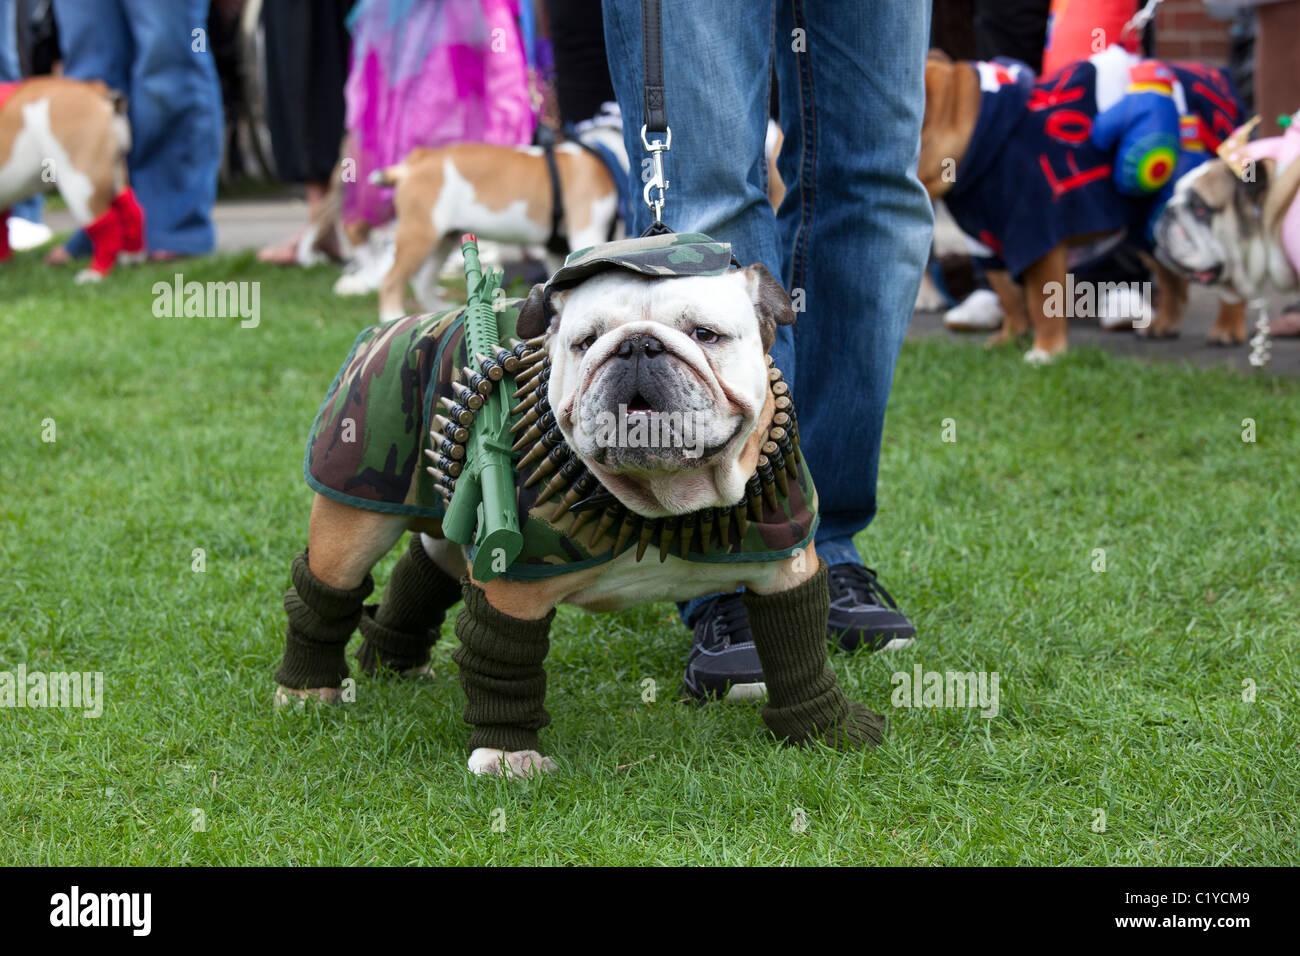 """Bizzarro insolito cane divertente """"fancy dress' Immagini Stock"""